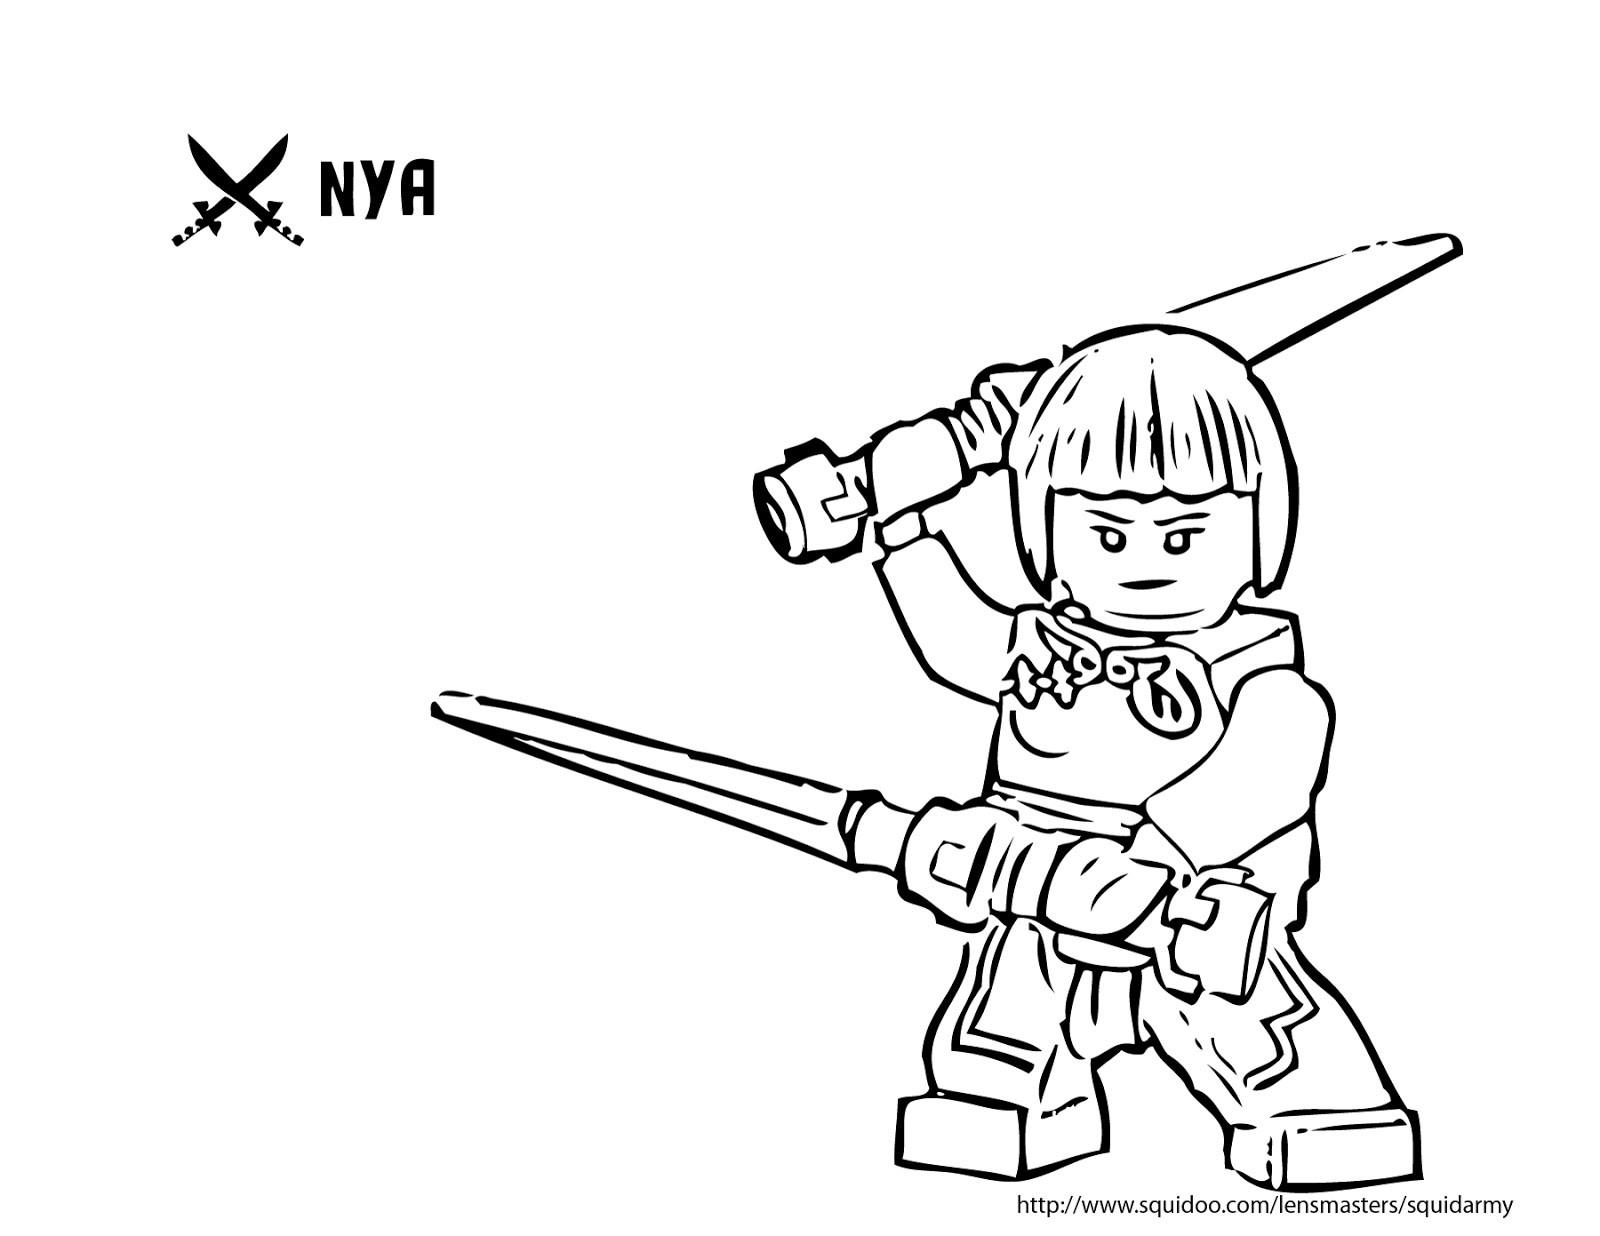 die besten ideen für ninjago ausmalbilder nya - beste